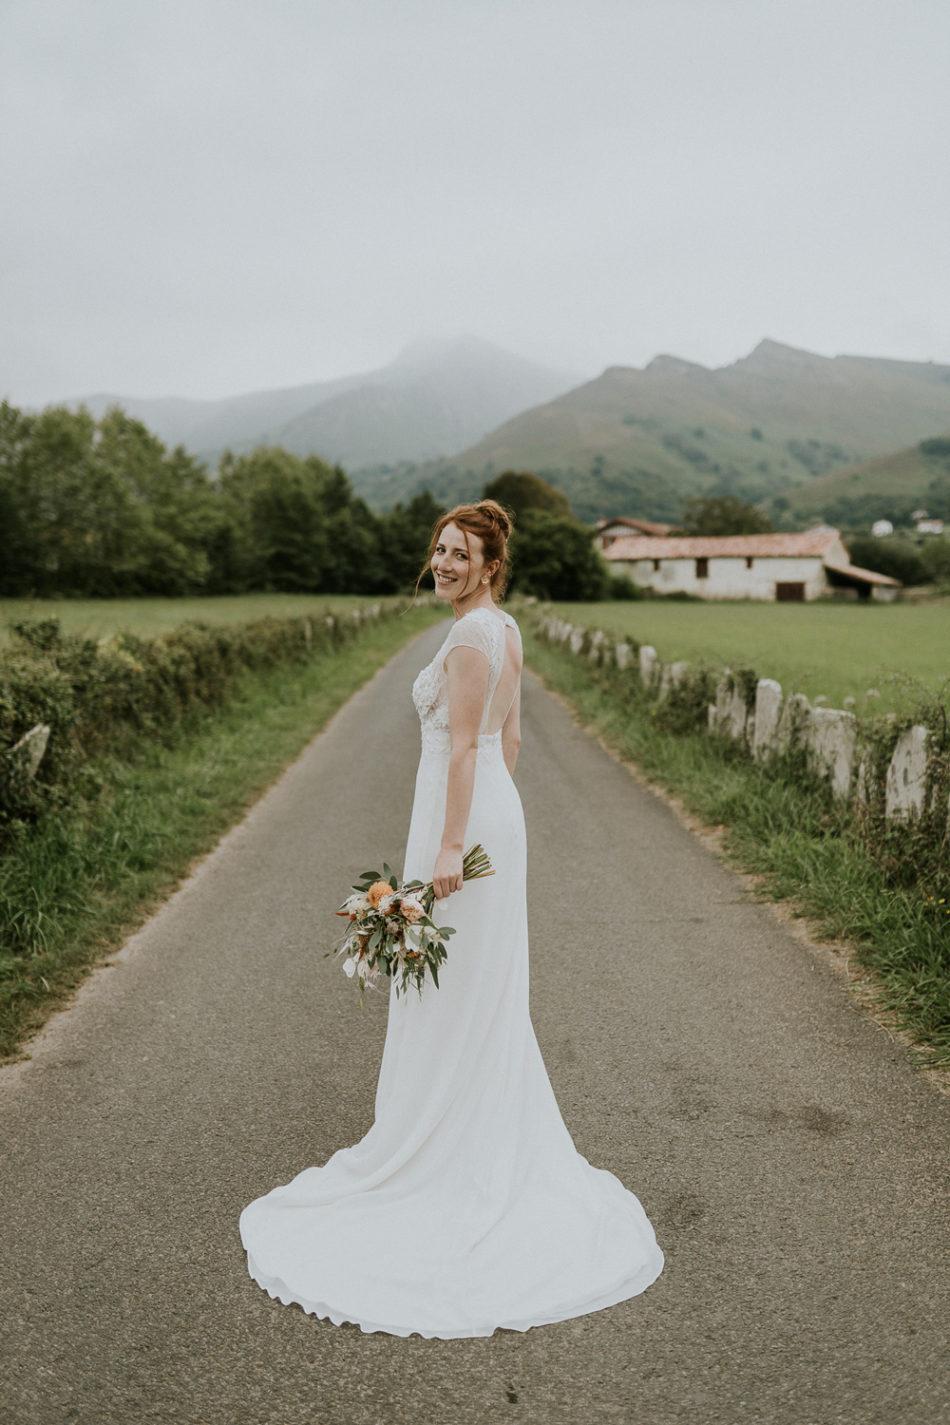 mariage a la montagne au pays basque